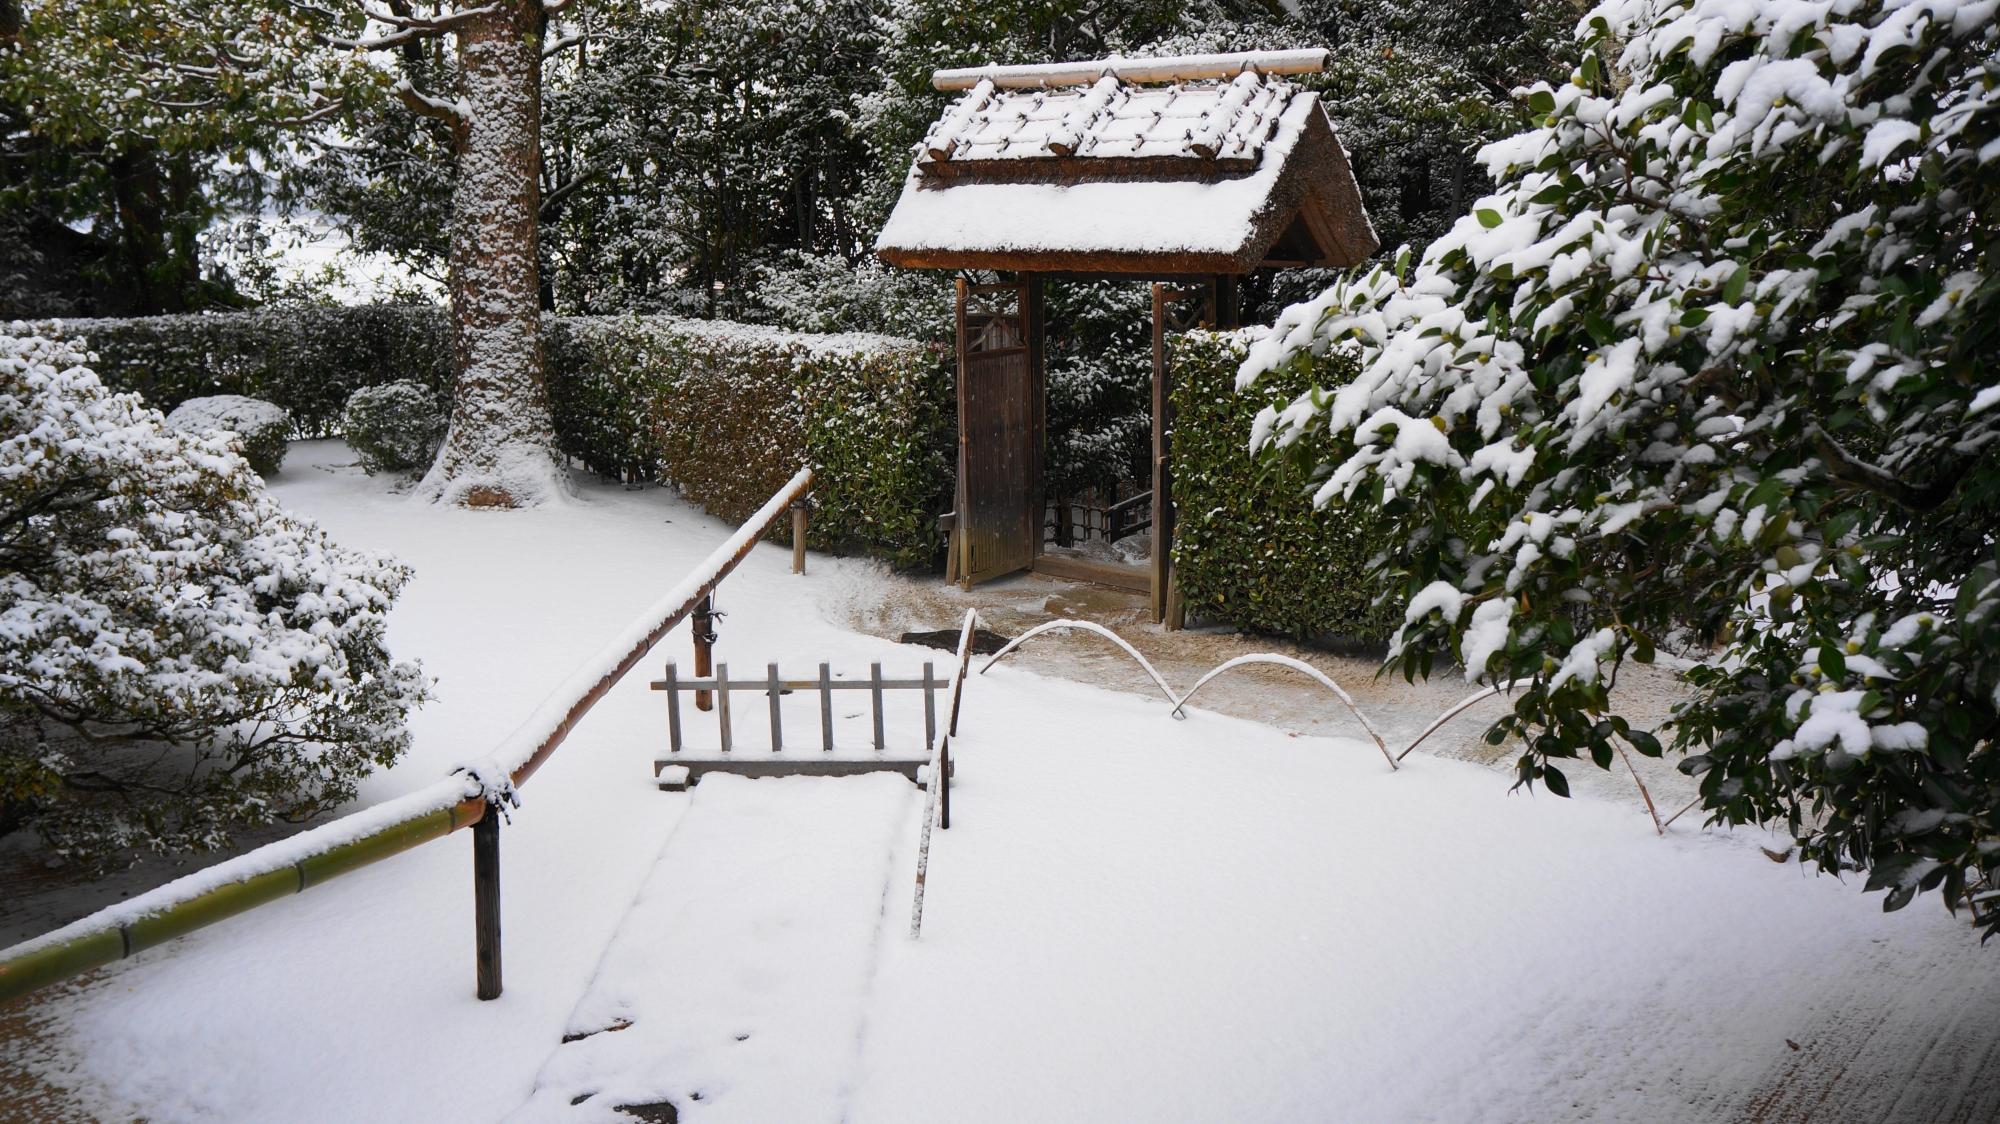 詩仙堂の雪の老梅関